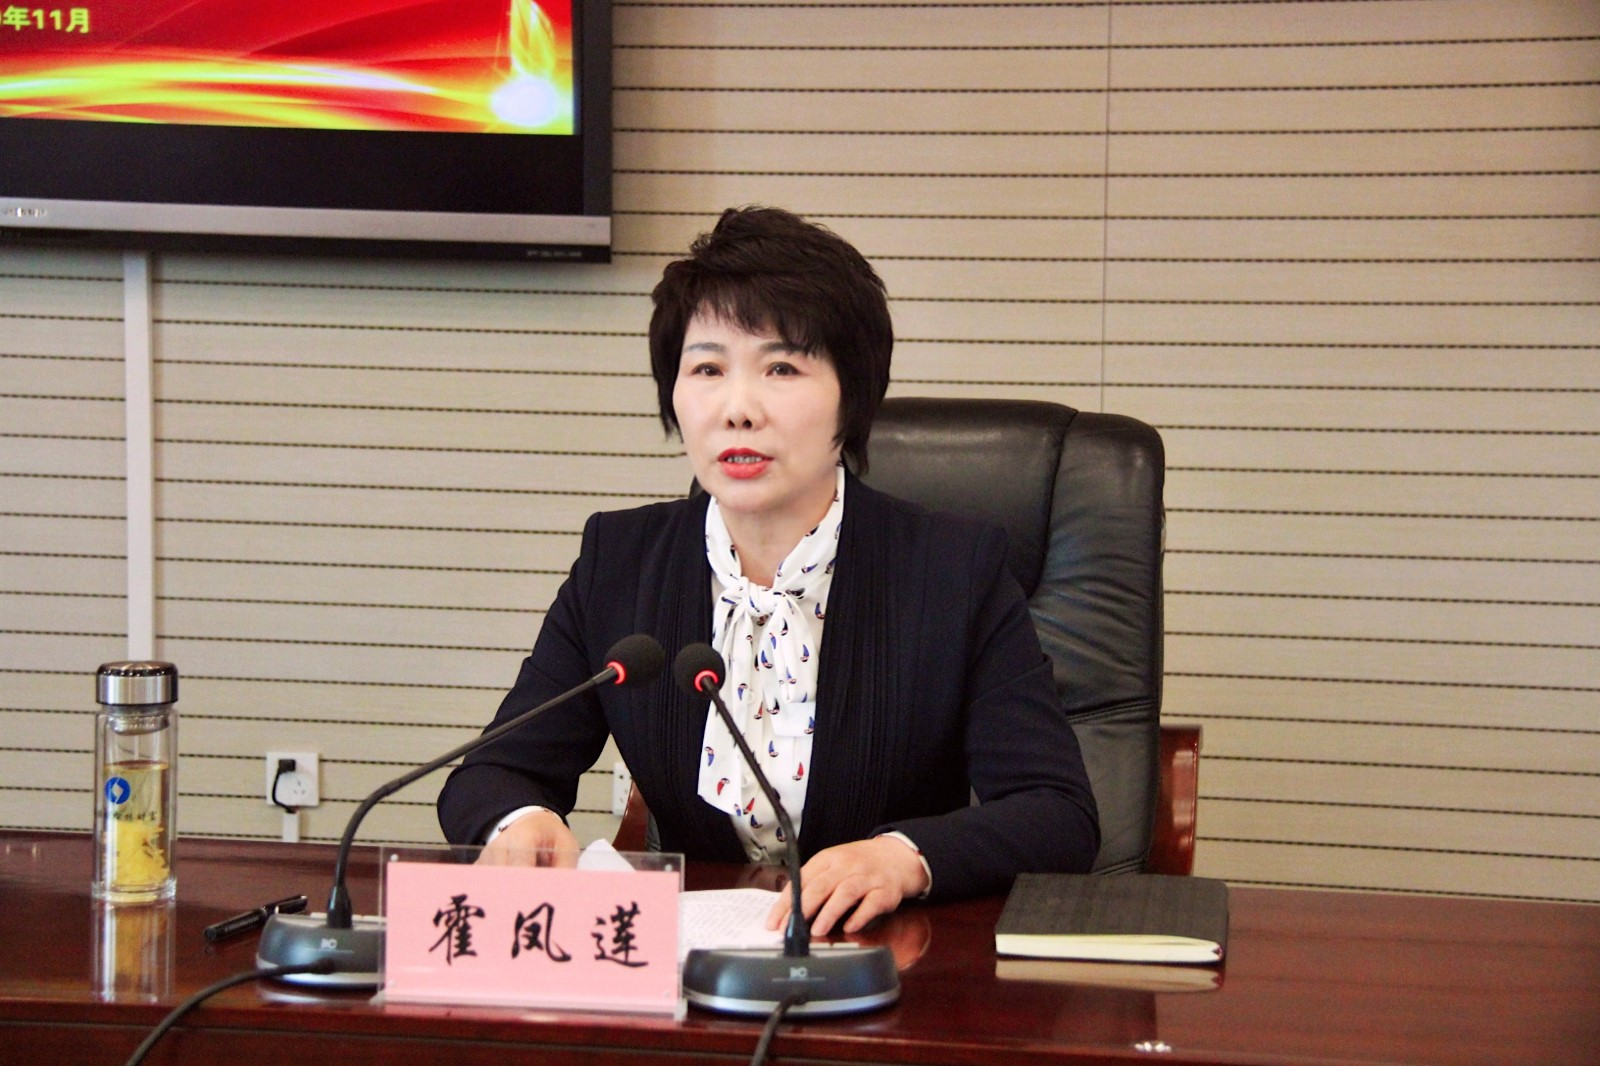 市妇联党组书记、主席霍凤莲讲话.jpg